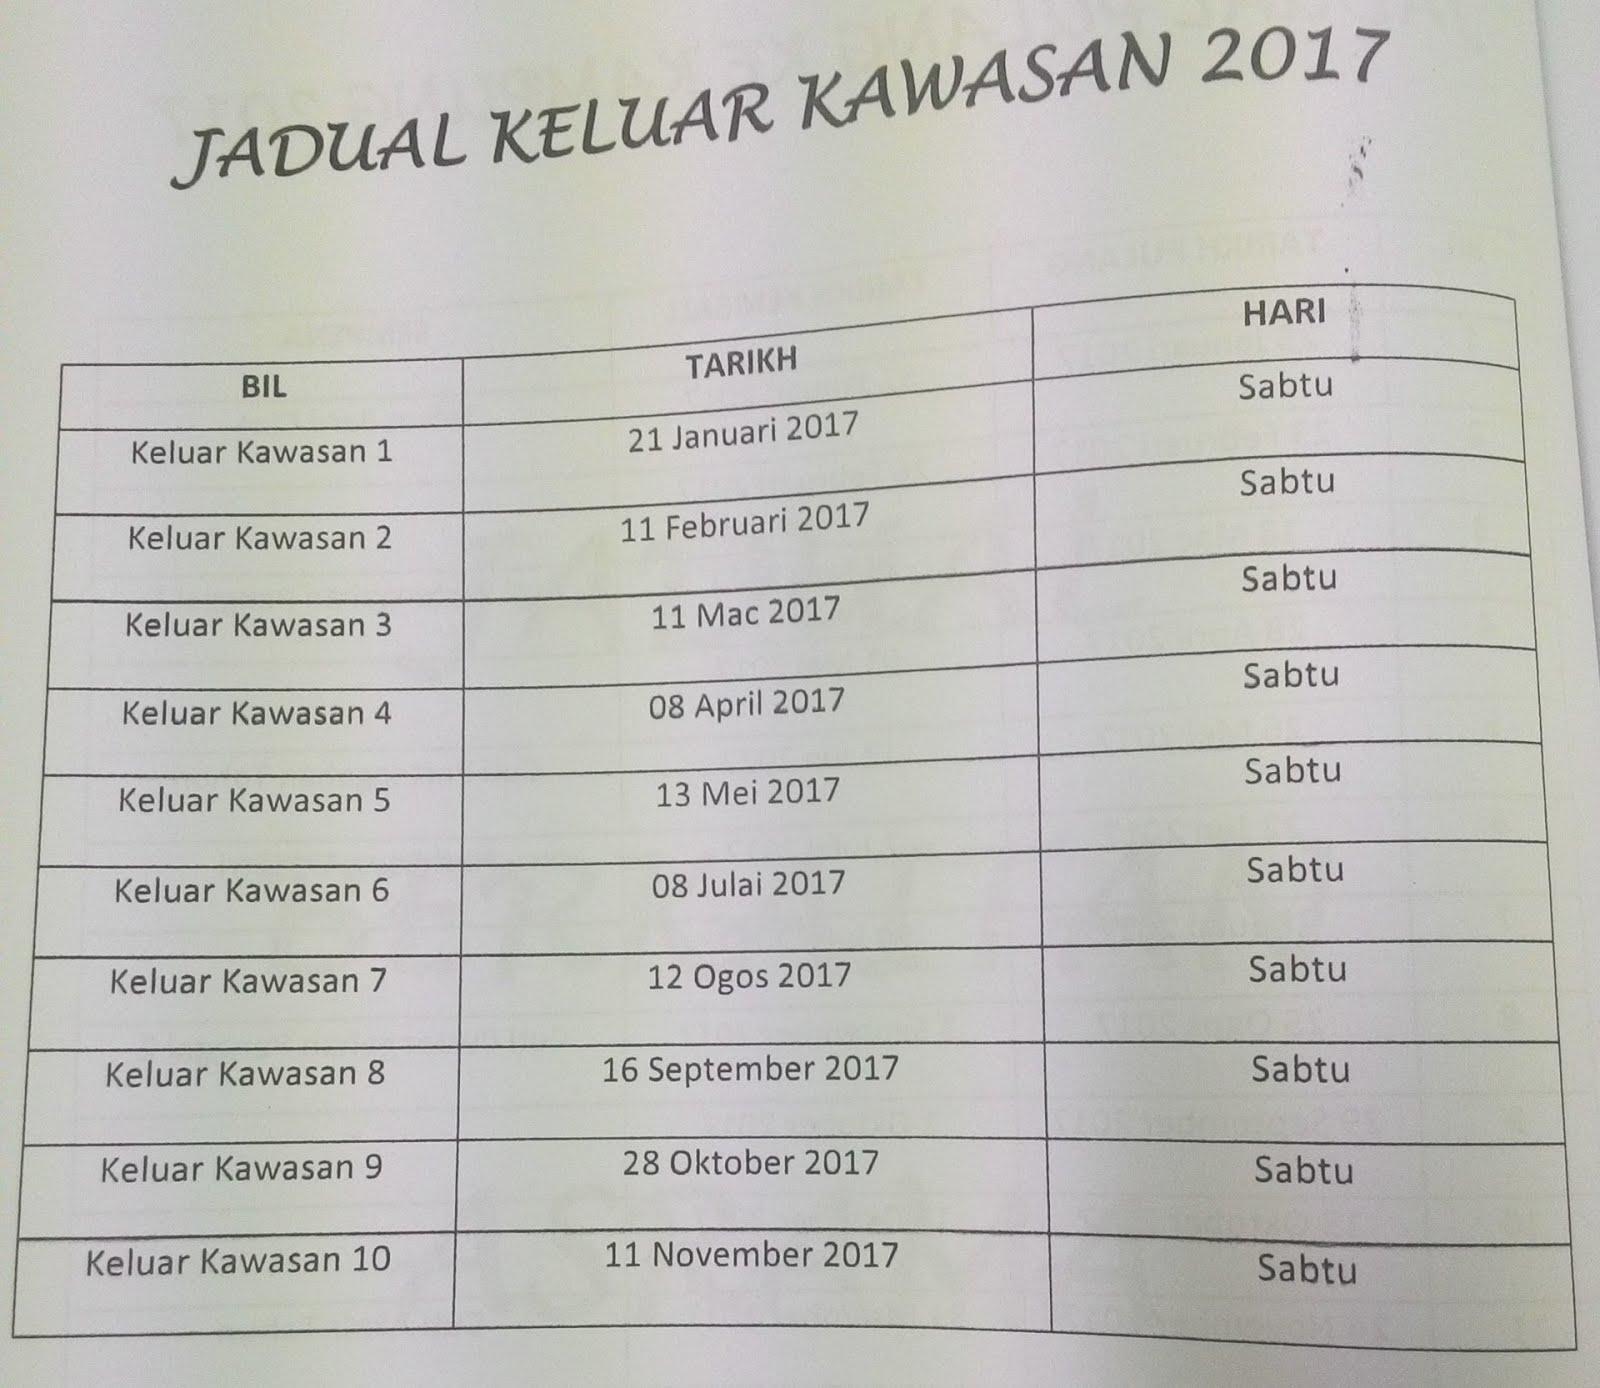 JADUAL KELUAR KAWASAN 2017